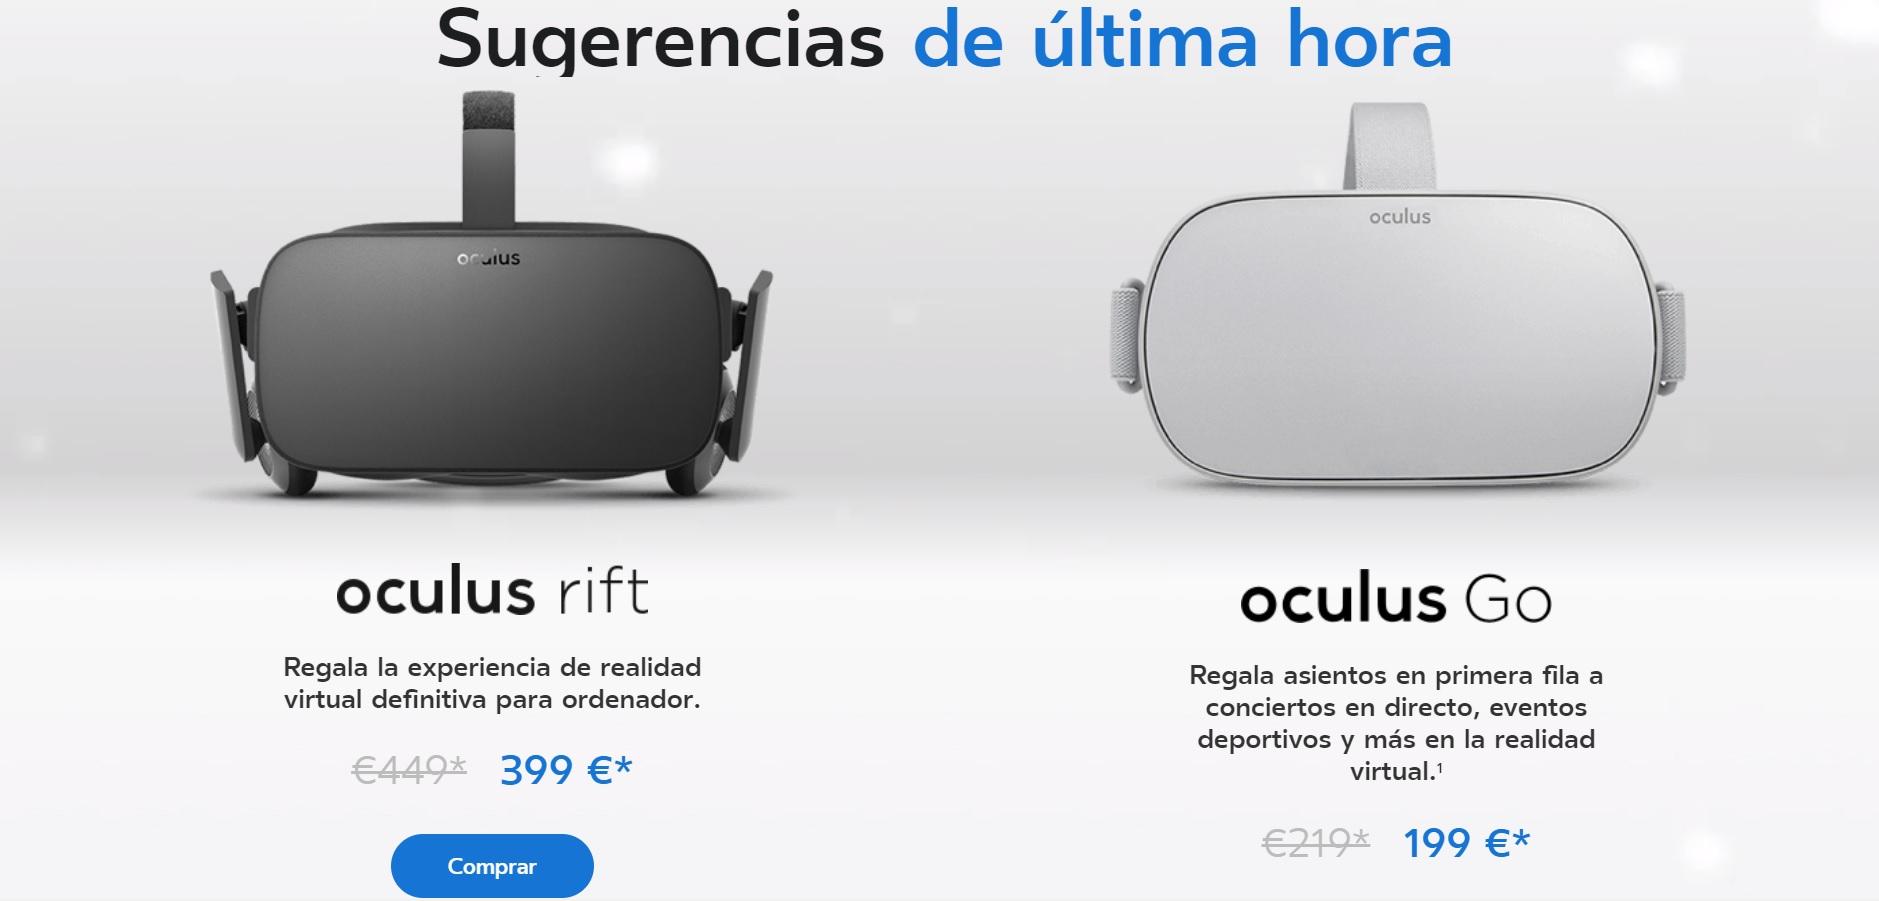 La Realidad Virtual mucho más barata antes de finalizar el año